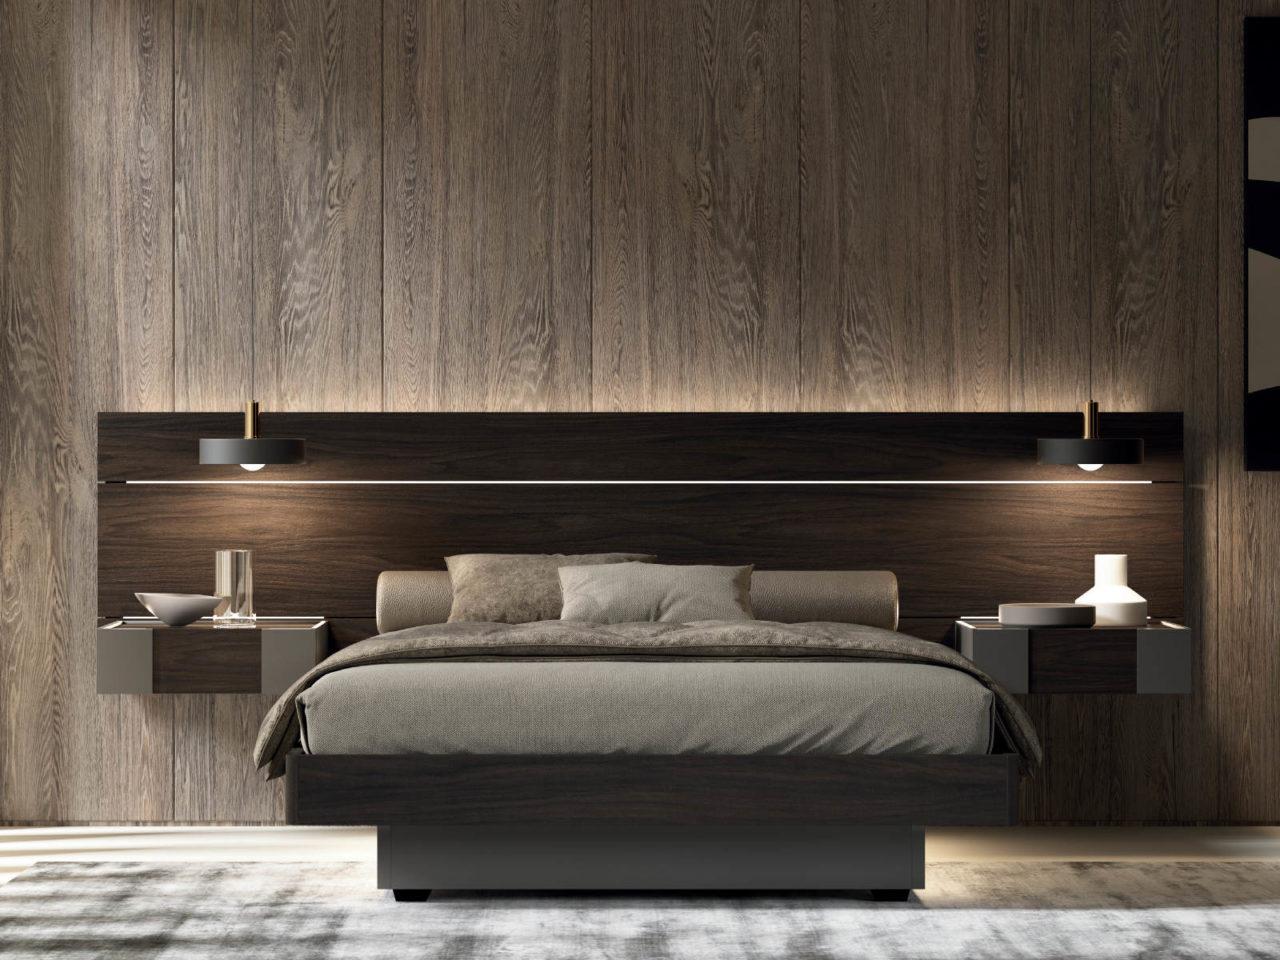 Composizione letto in legno Whoa